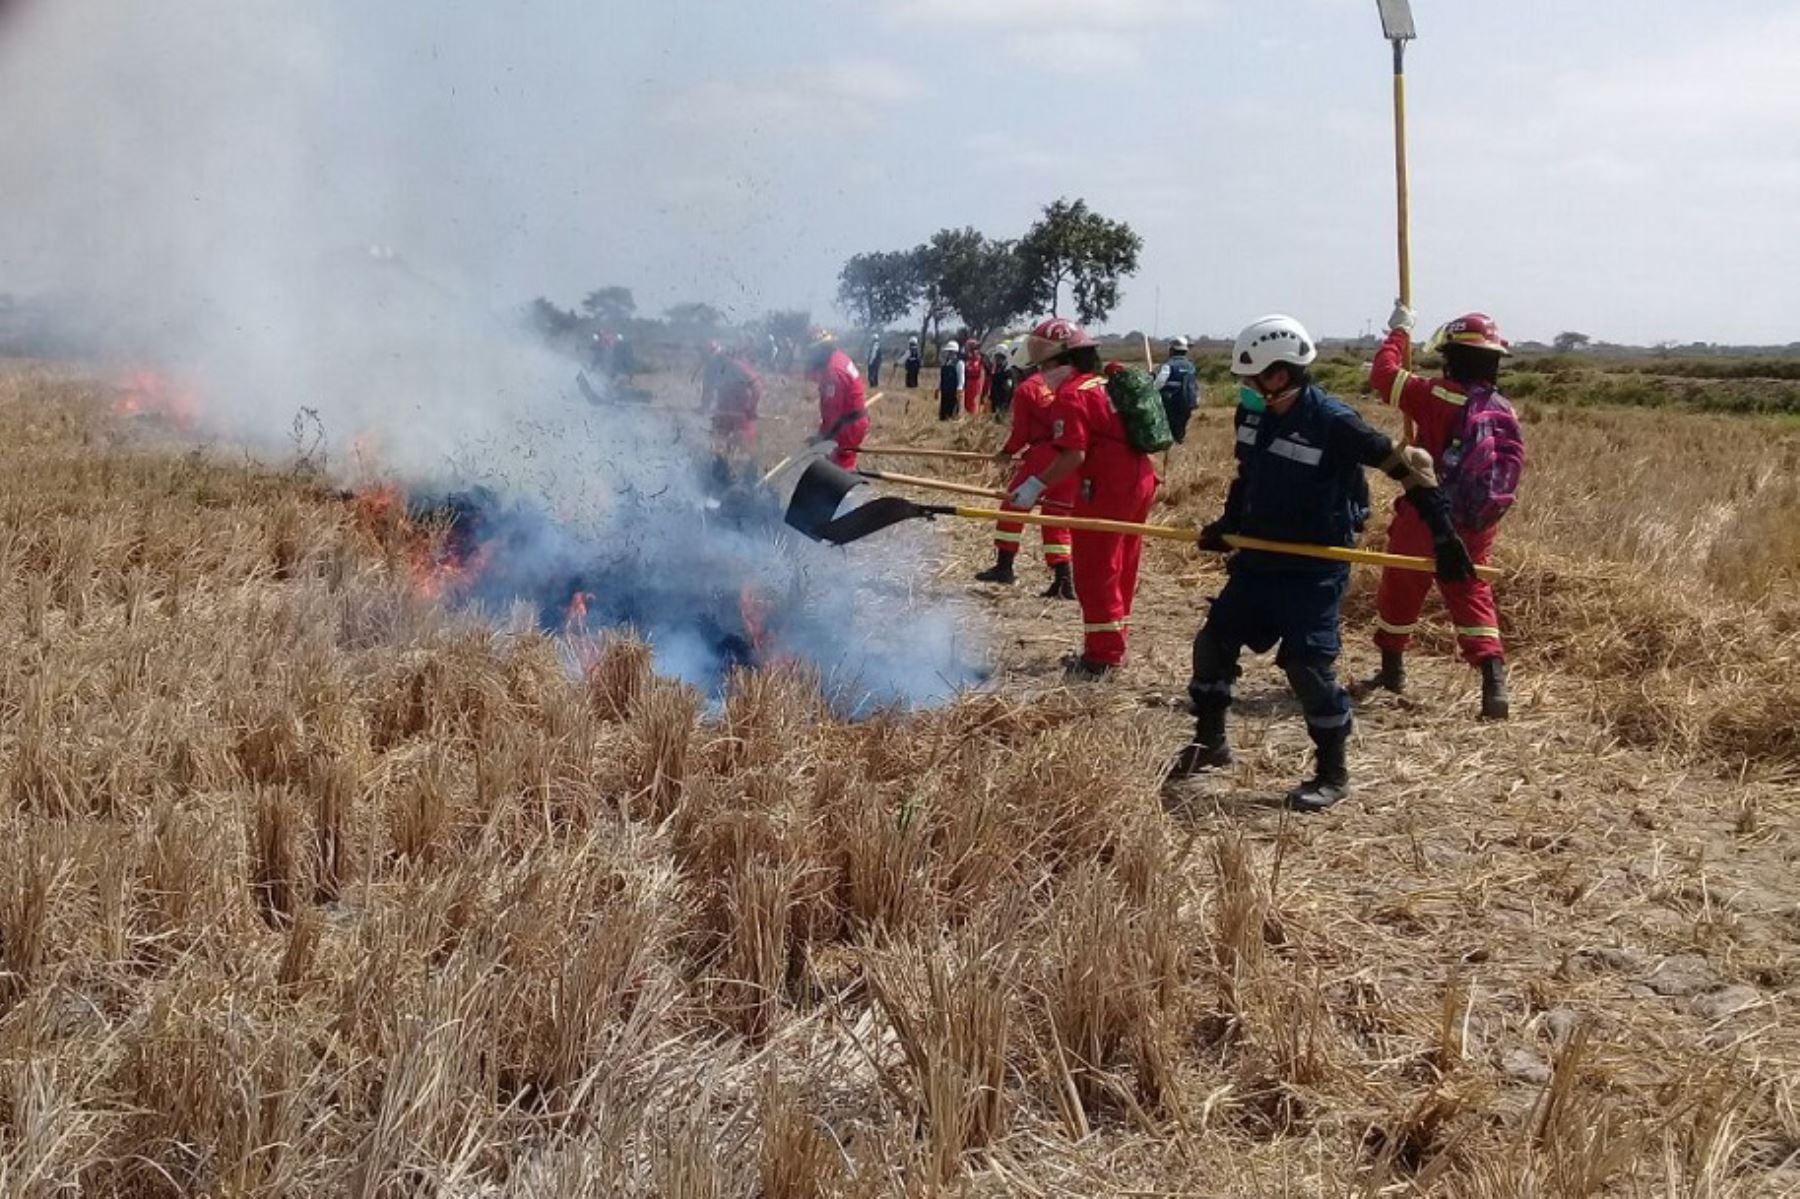 El Servicio Nacional de Áreas Naturales Protegidas por el Estado (Sernanp), organismo adscrito del Ministerio del Ambiente, inició la formación de las nuevas brigadas responsables de las acciones de prevención y control de incendios forestales en la provincia de Pacasmayo de la región La Libertad.